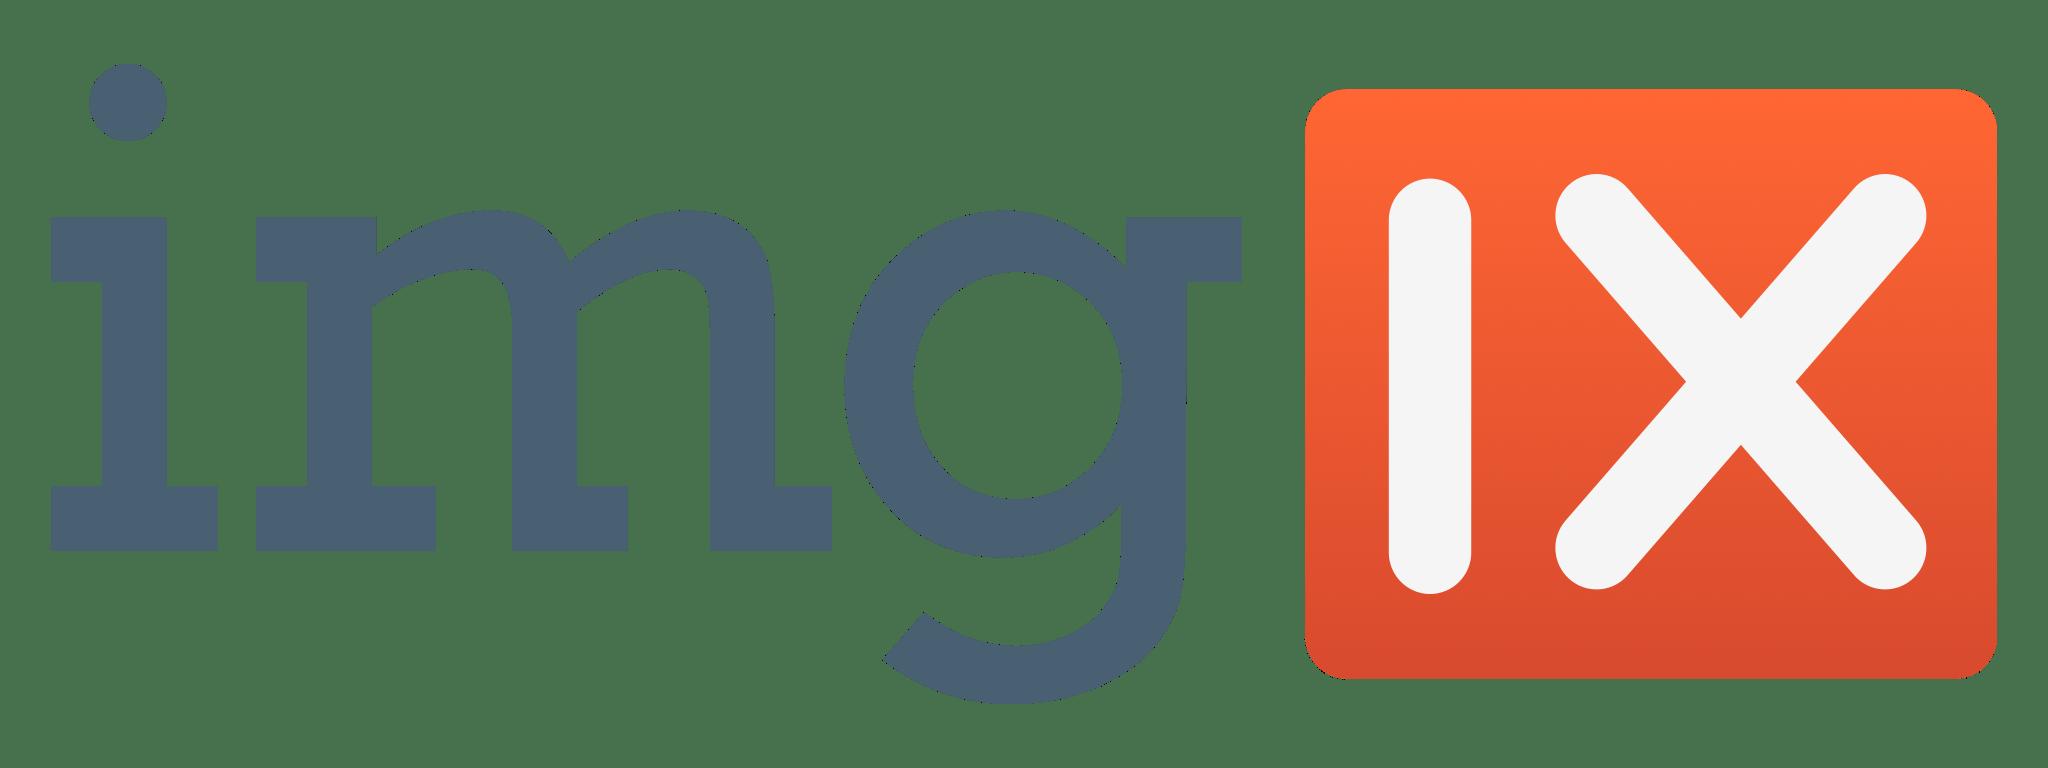 imgIX company logo